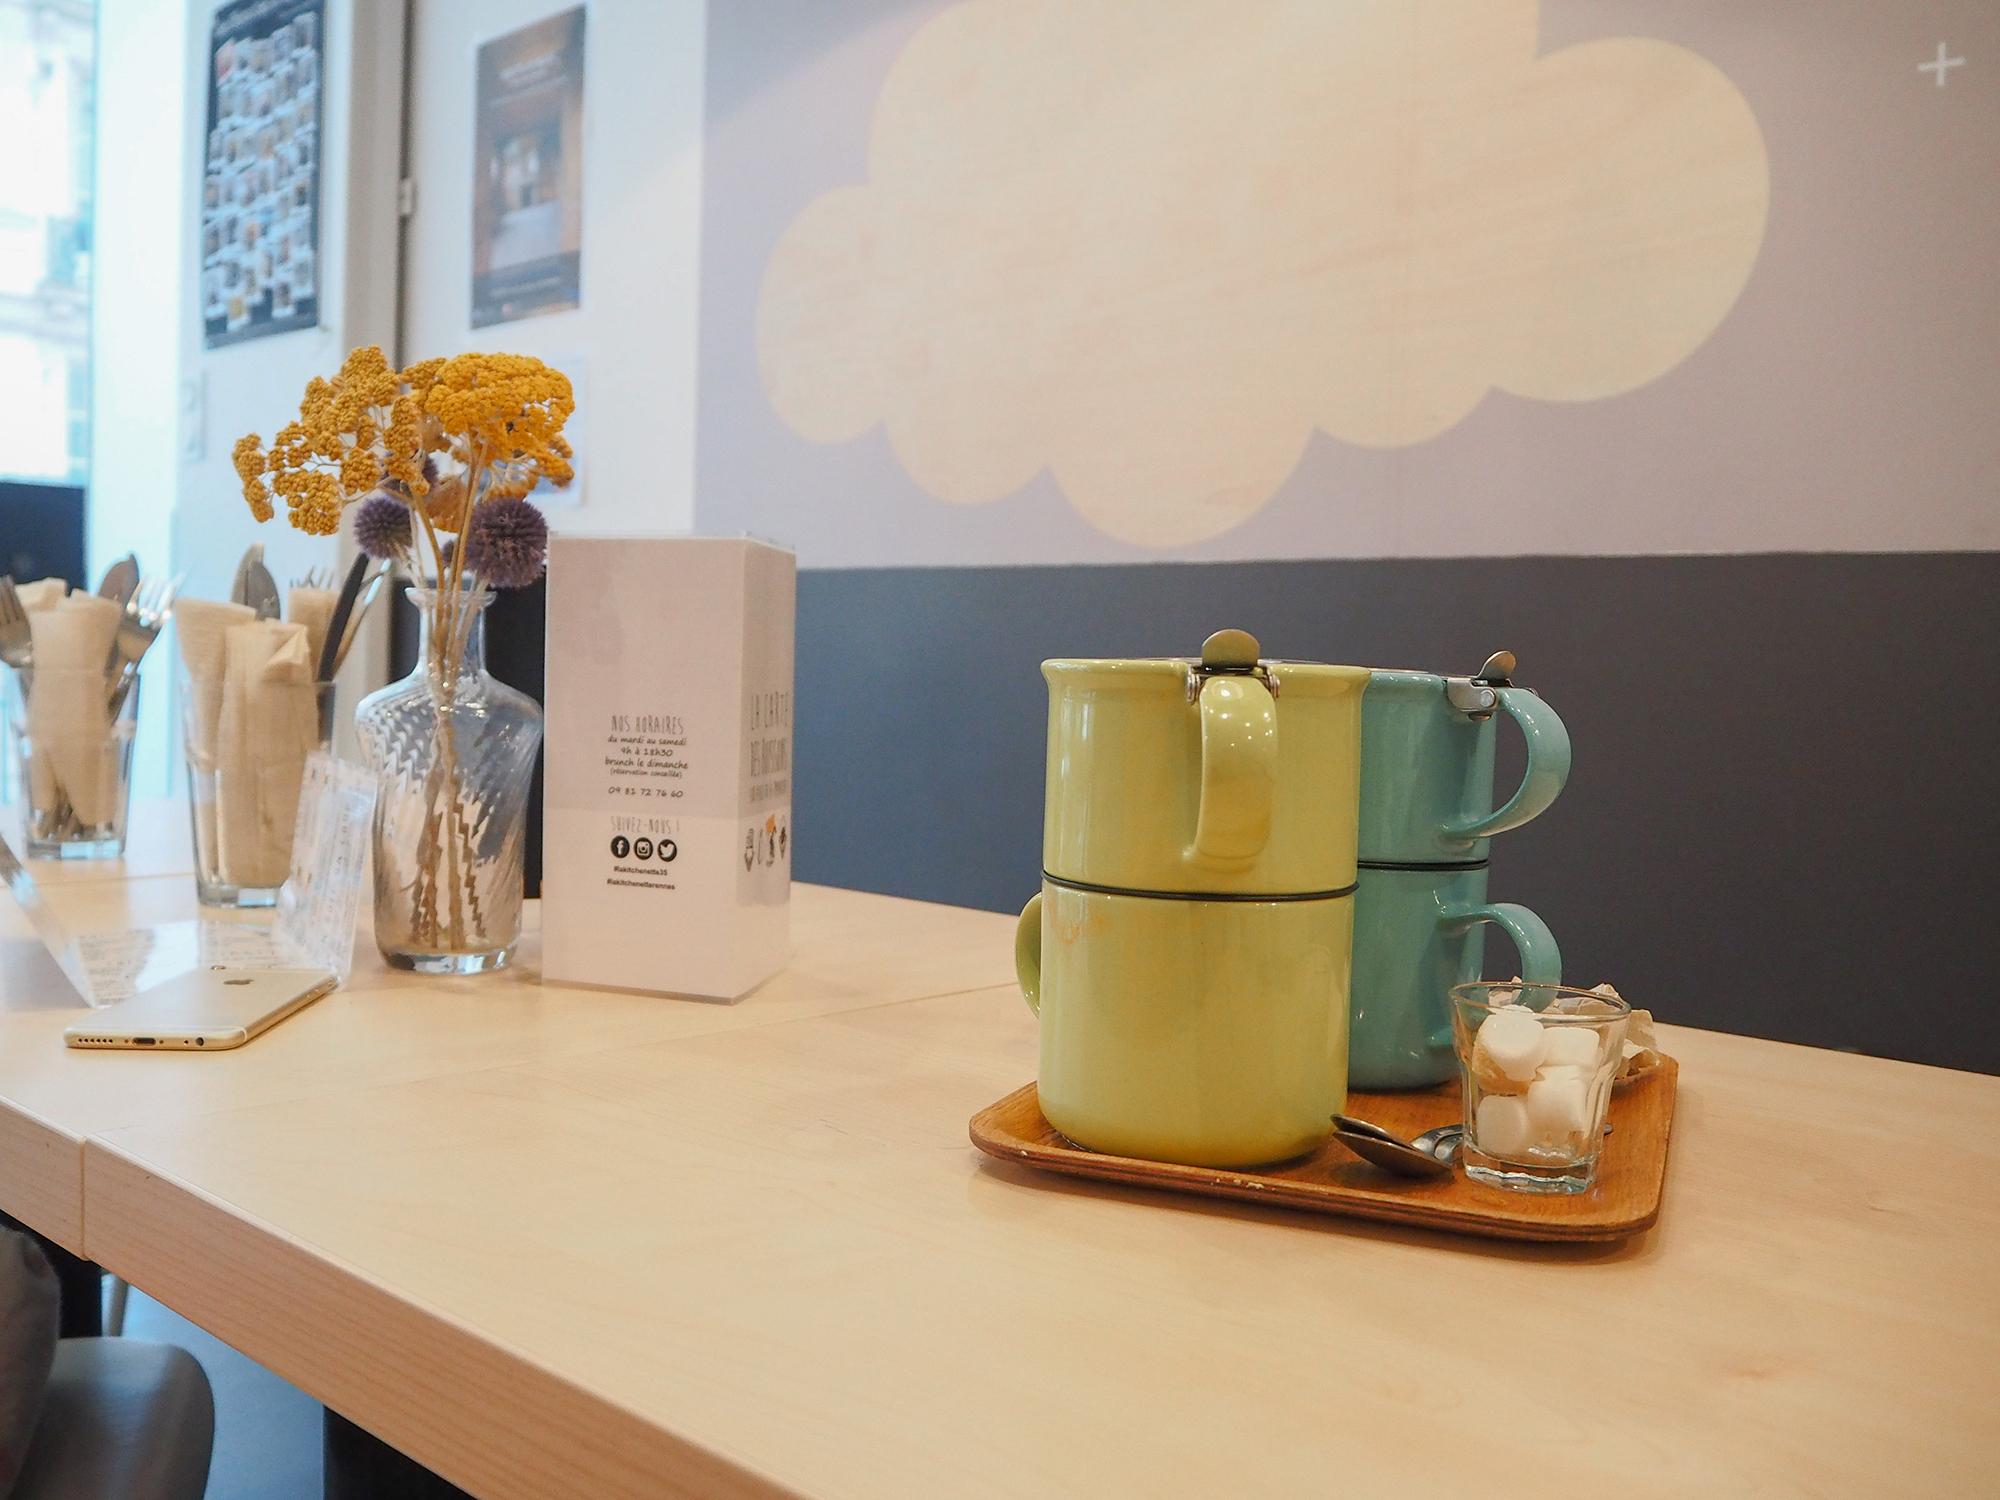 La kitchenette - coffee shop et restaurant bonne adresse rennes